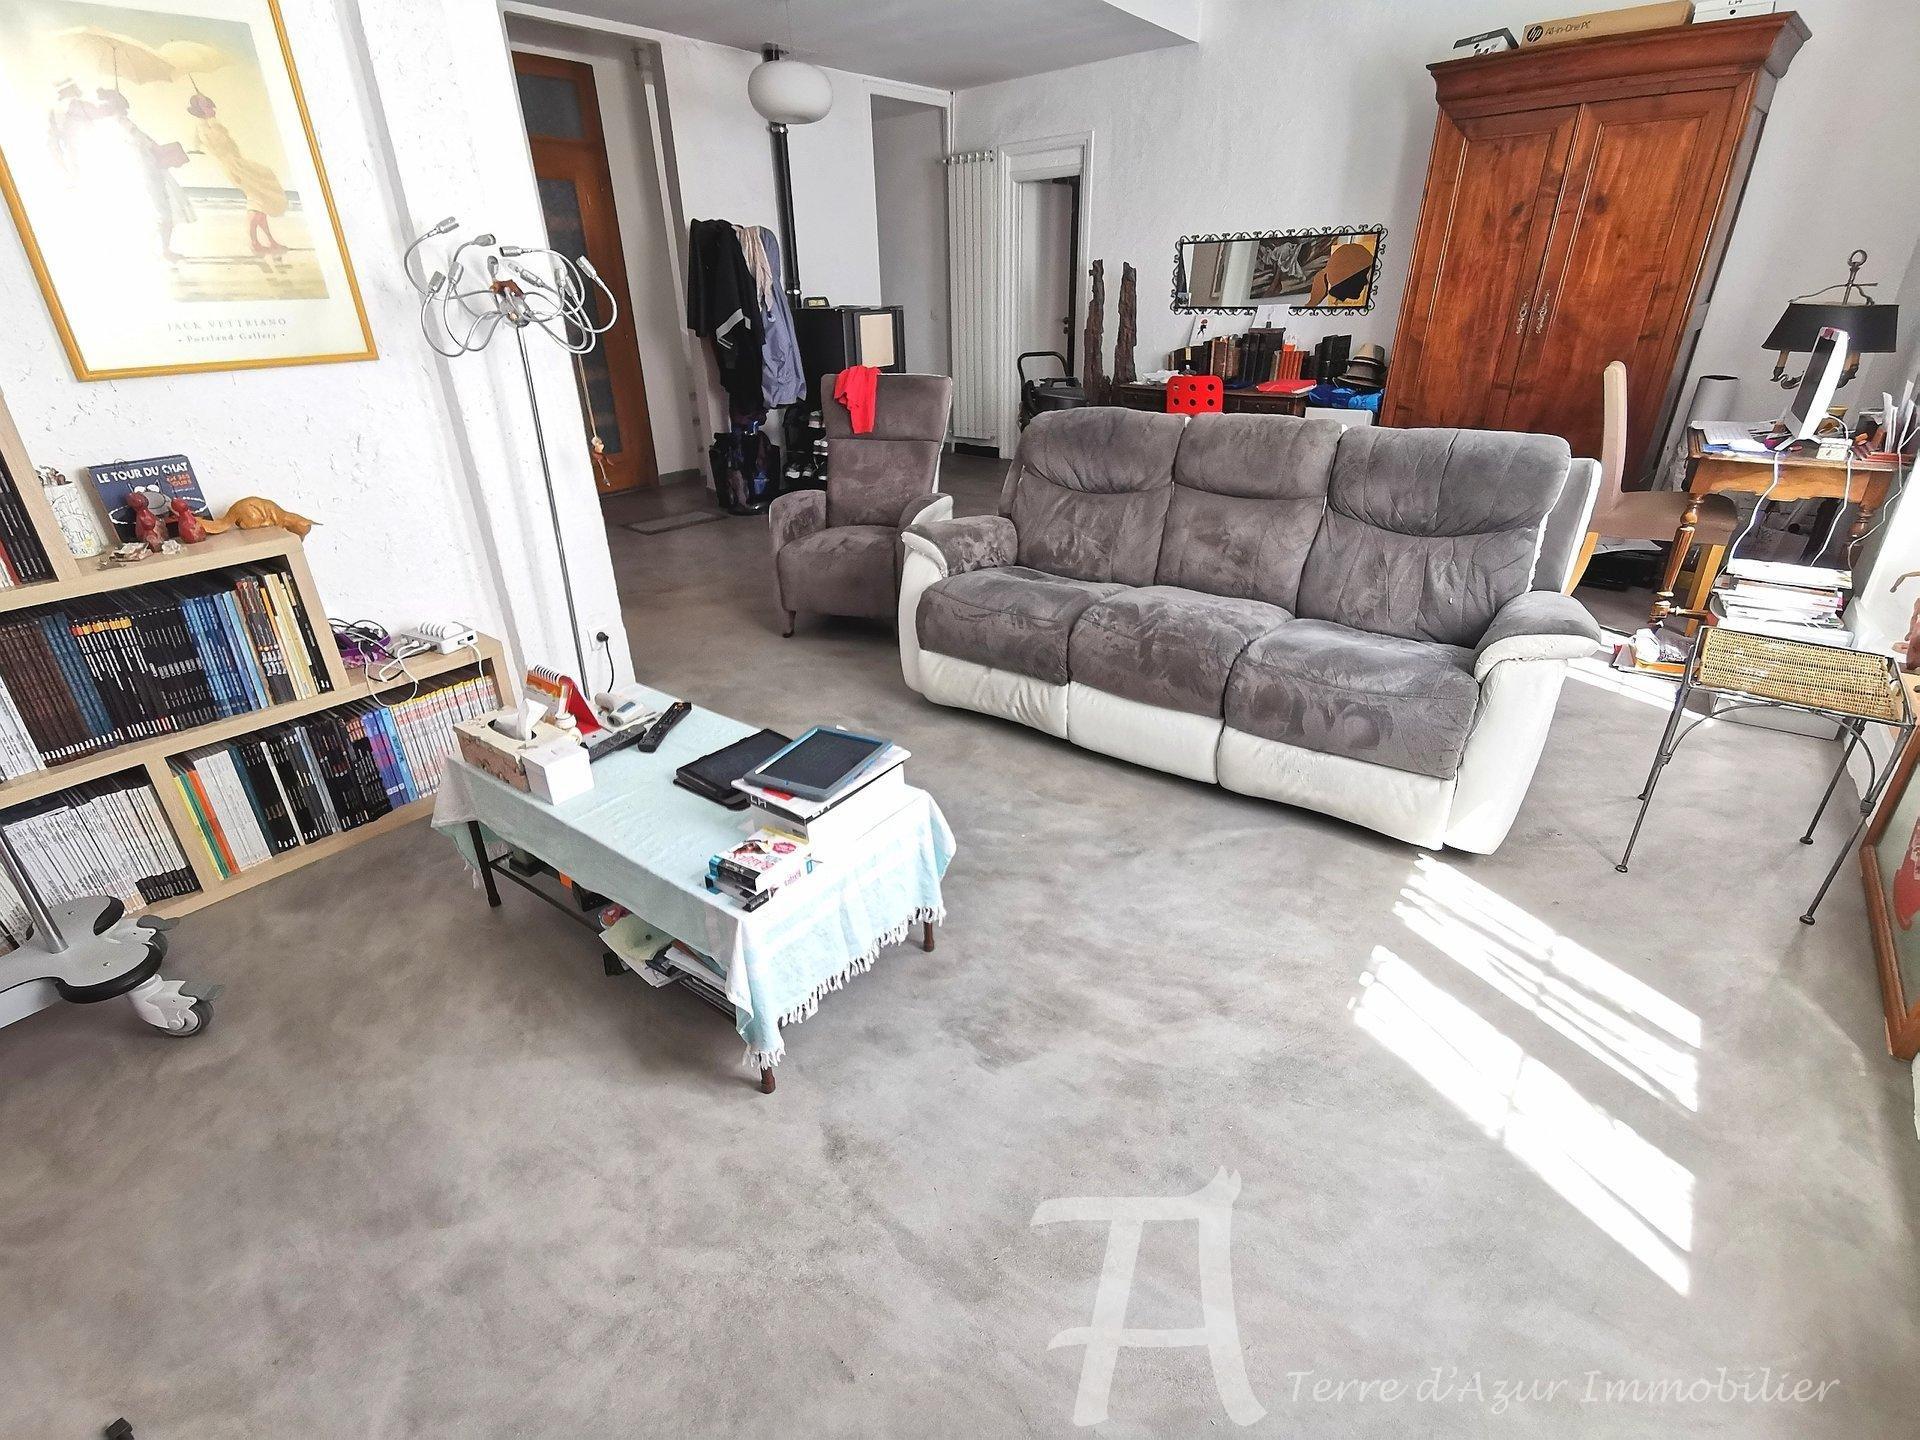 Achat COUP DE COEUR : Superbe et vaste appartement avec terrasse et cave